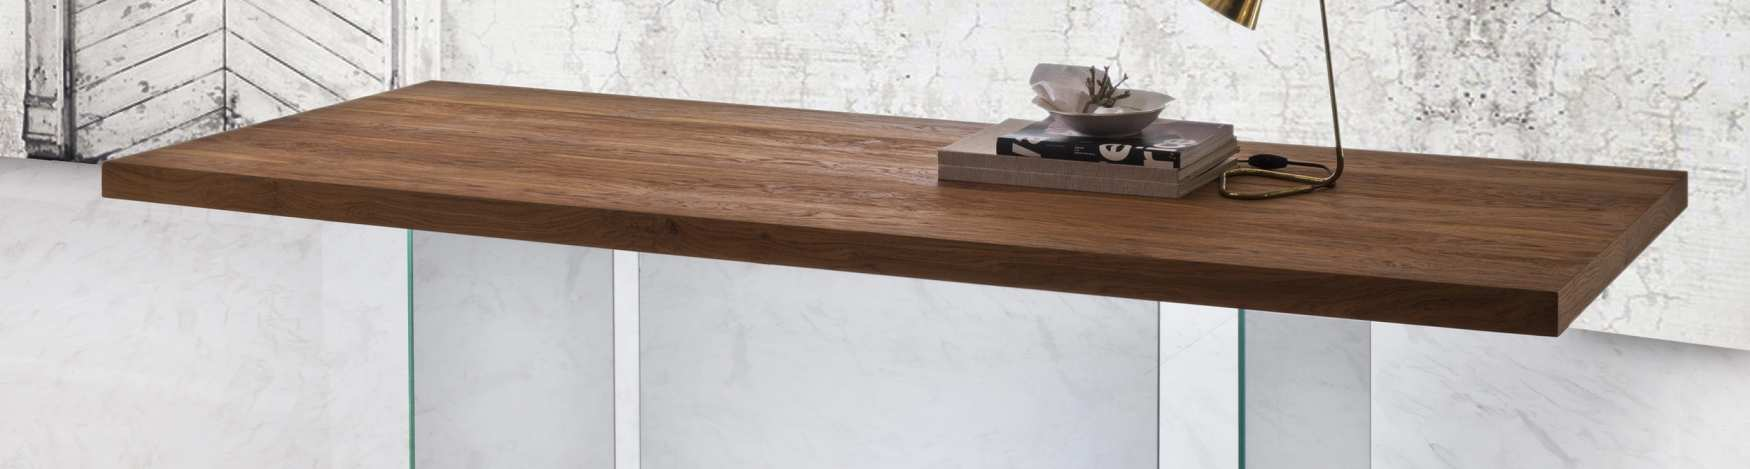 flai legno e cristallo milanomondo